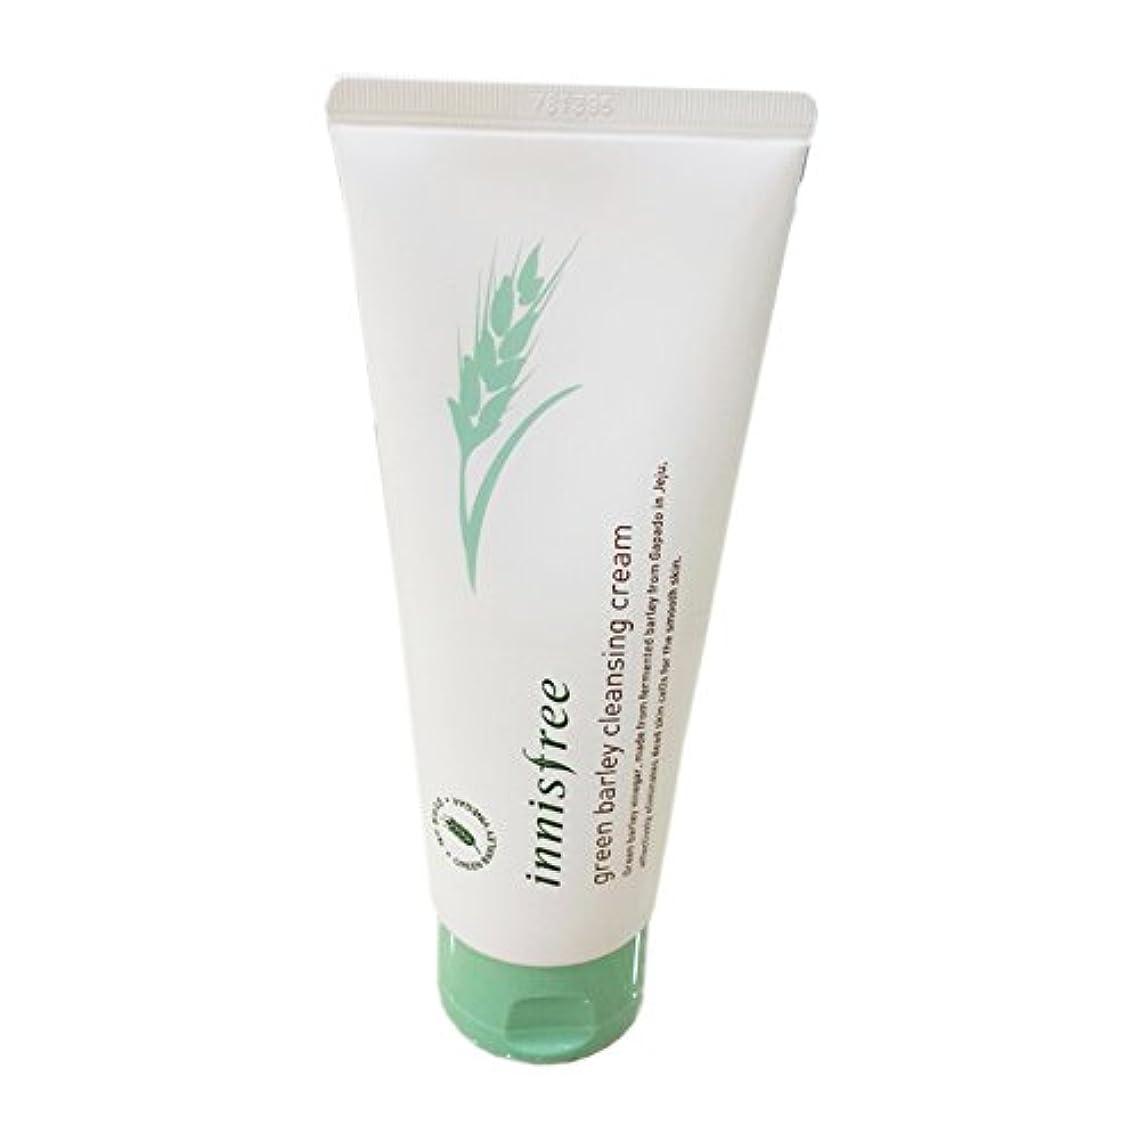 戸惑う恐れユーモア[イニスフリー] Innisfree 青麦クレンジングクリーム (150ml) Innisfree Green Barley Cleansing Cream (150ml) [海外直送品]